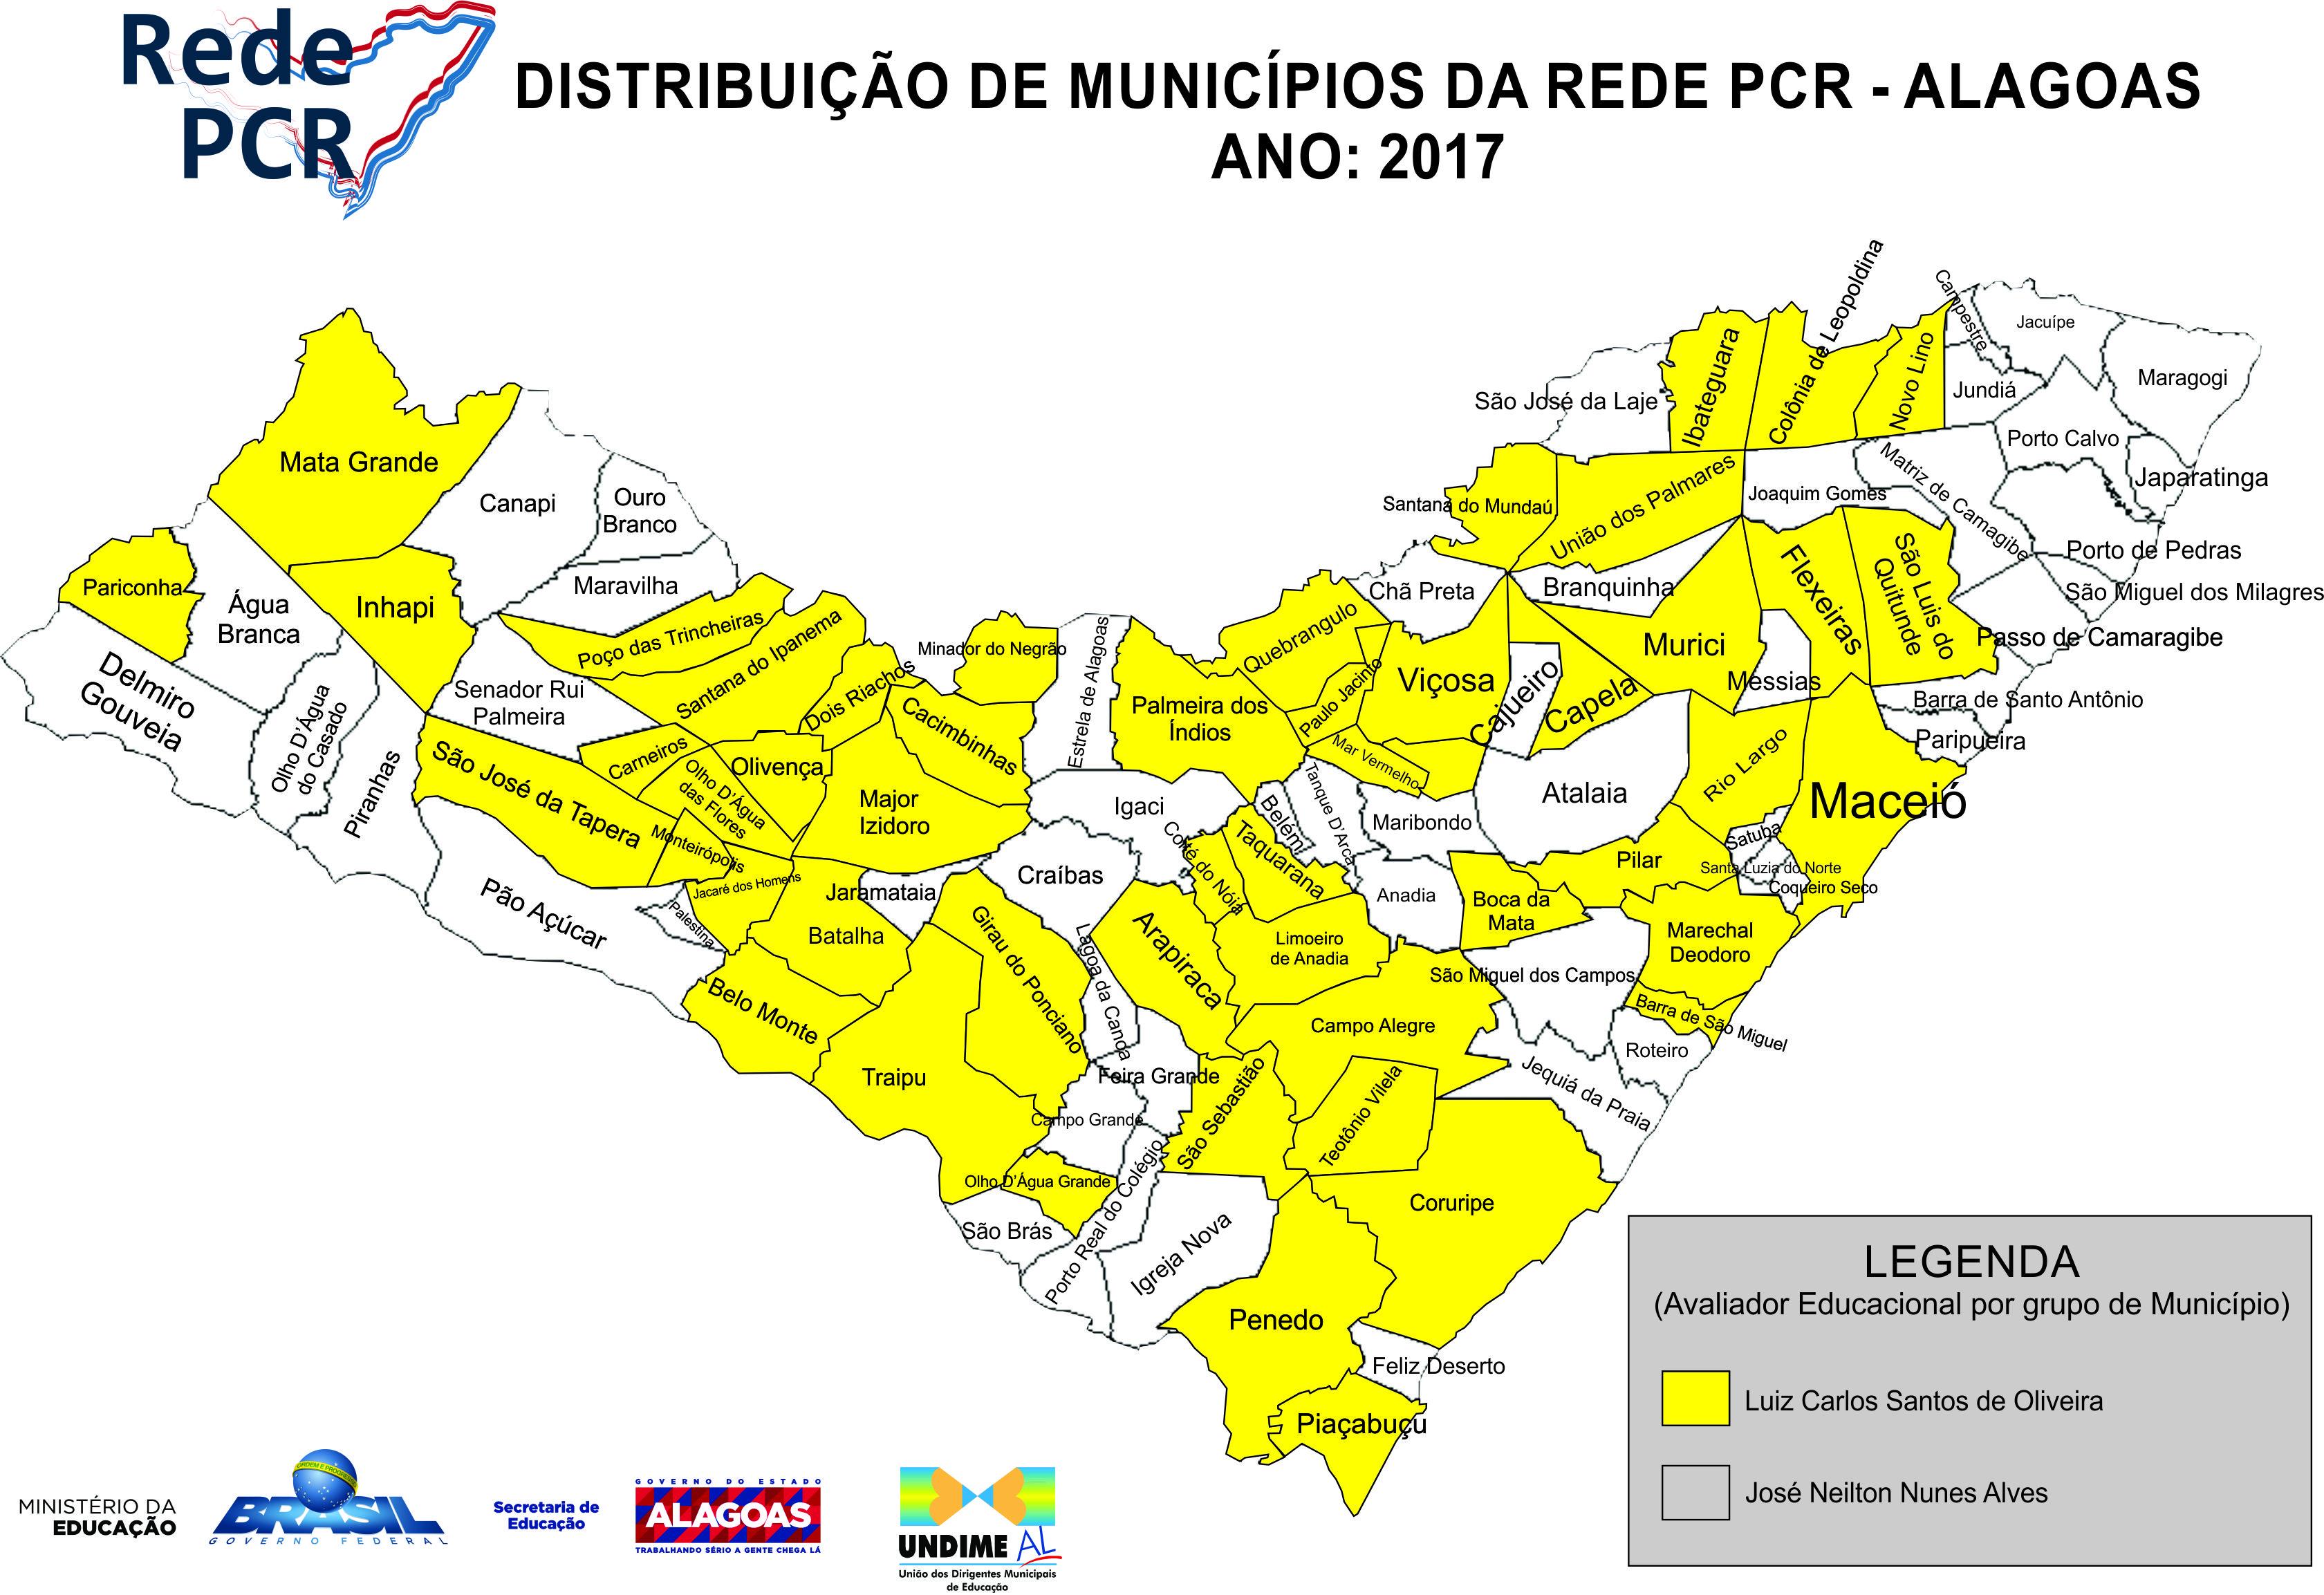 Rede PCR Alagoas